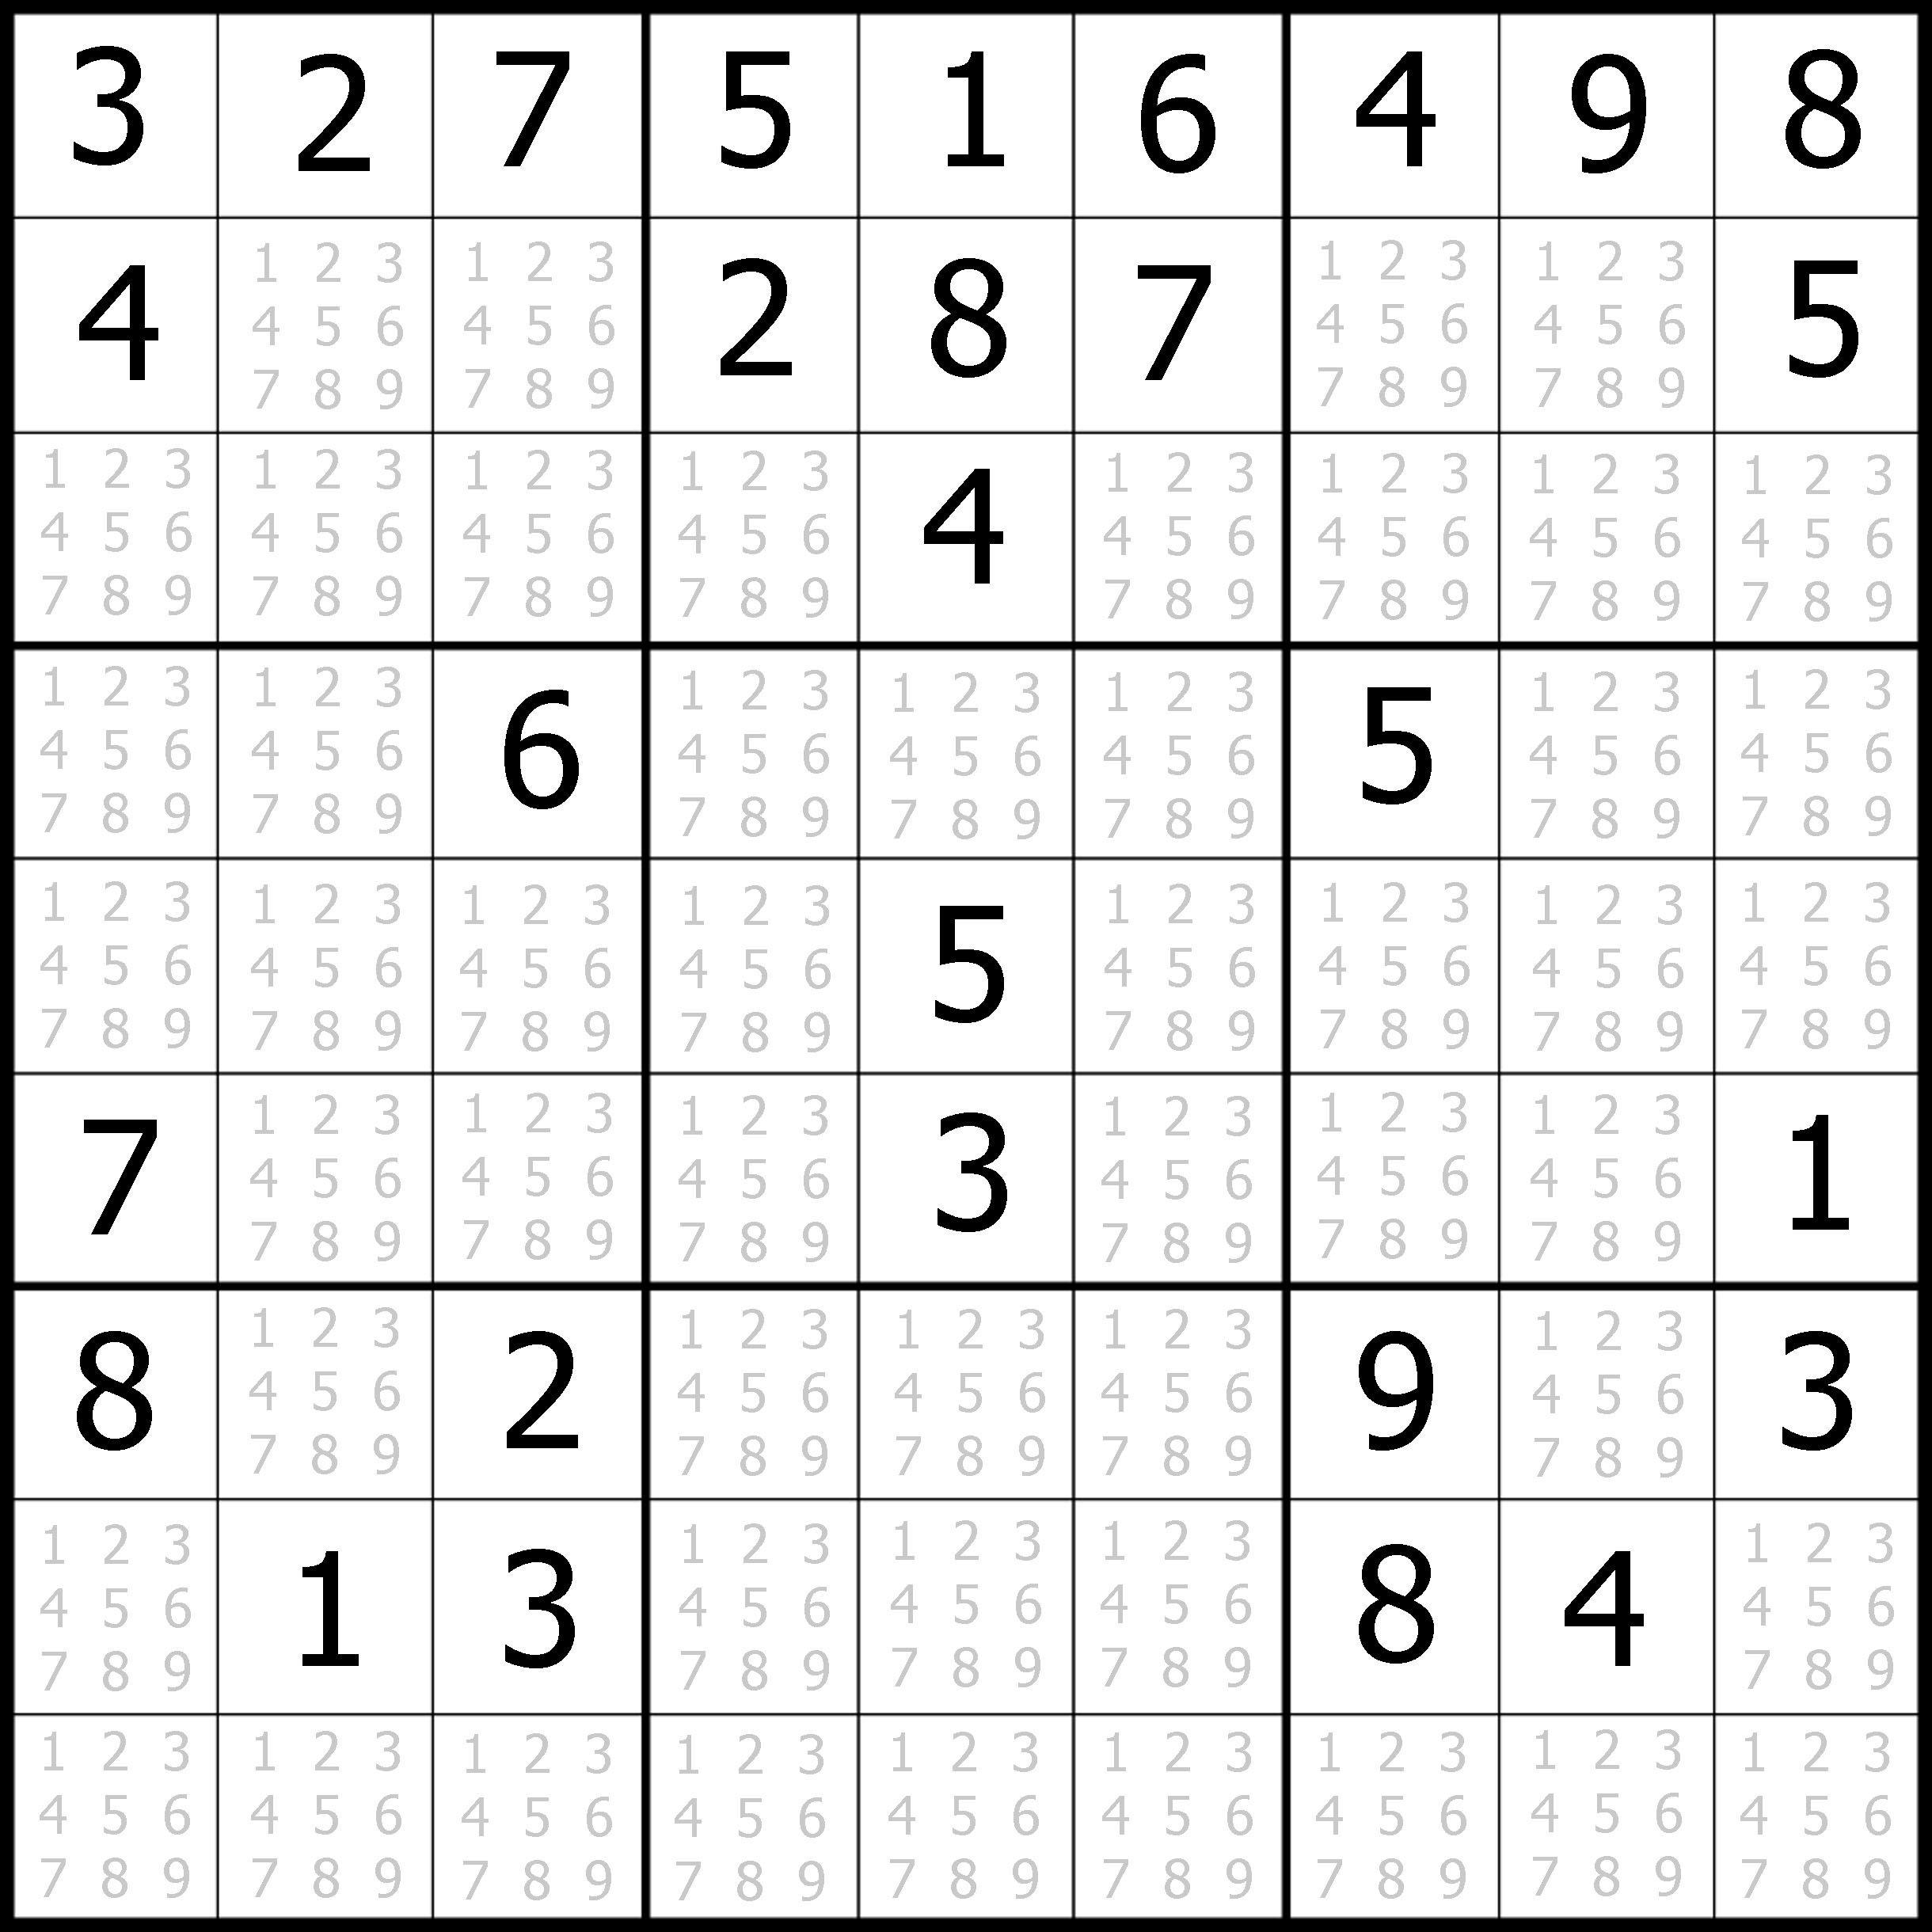 Sudoku Printable   Free, Medium, Printable Sudoku Puzzle #1   My - Free Printable Sudoku With Answers